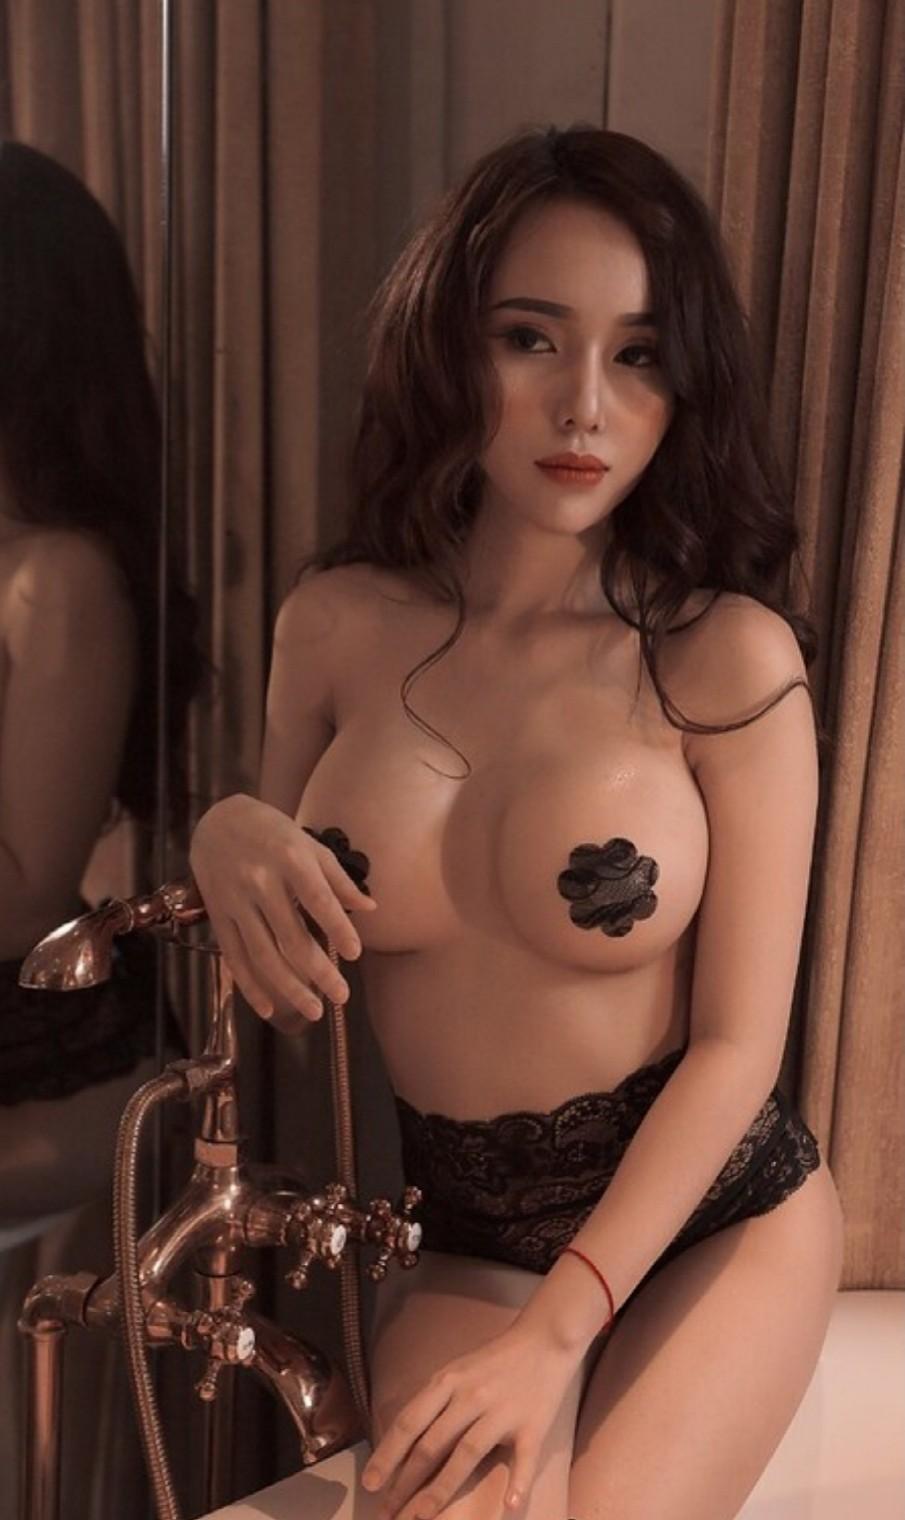 Rượu và em say ai bây giờ @BaoBua: Việt Nam Nude Girl